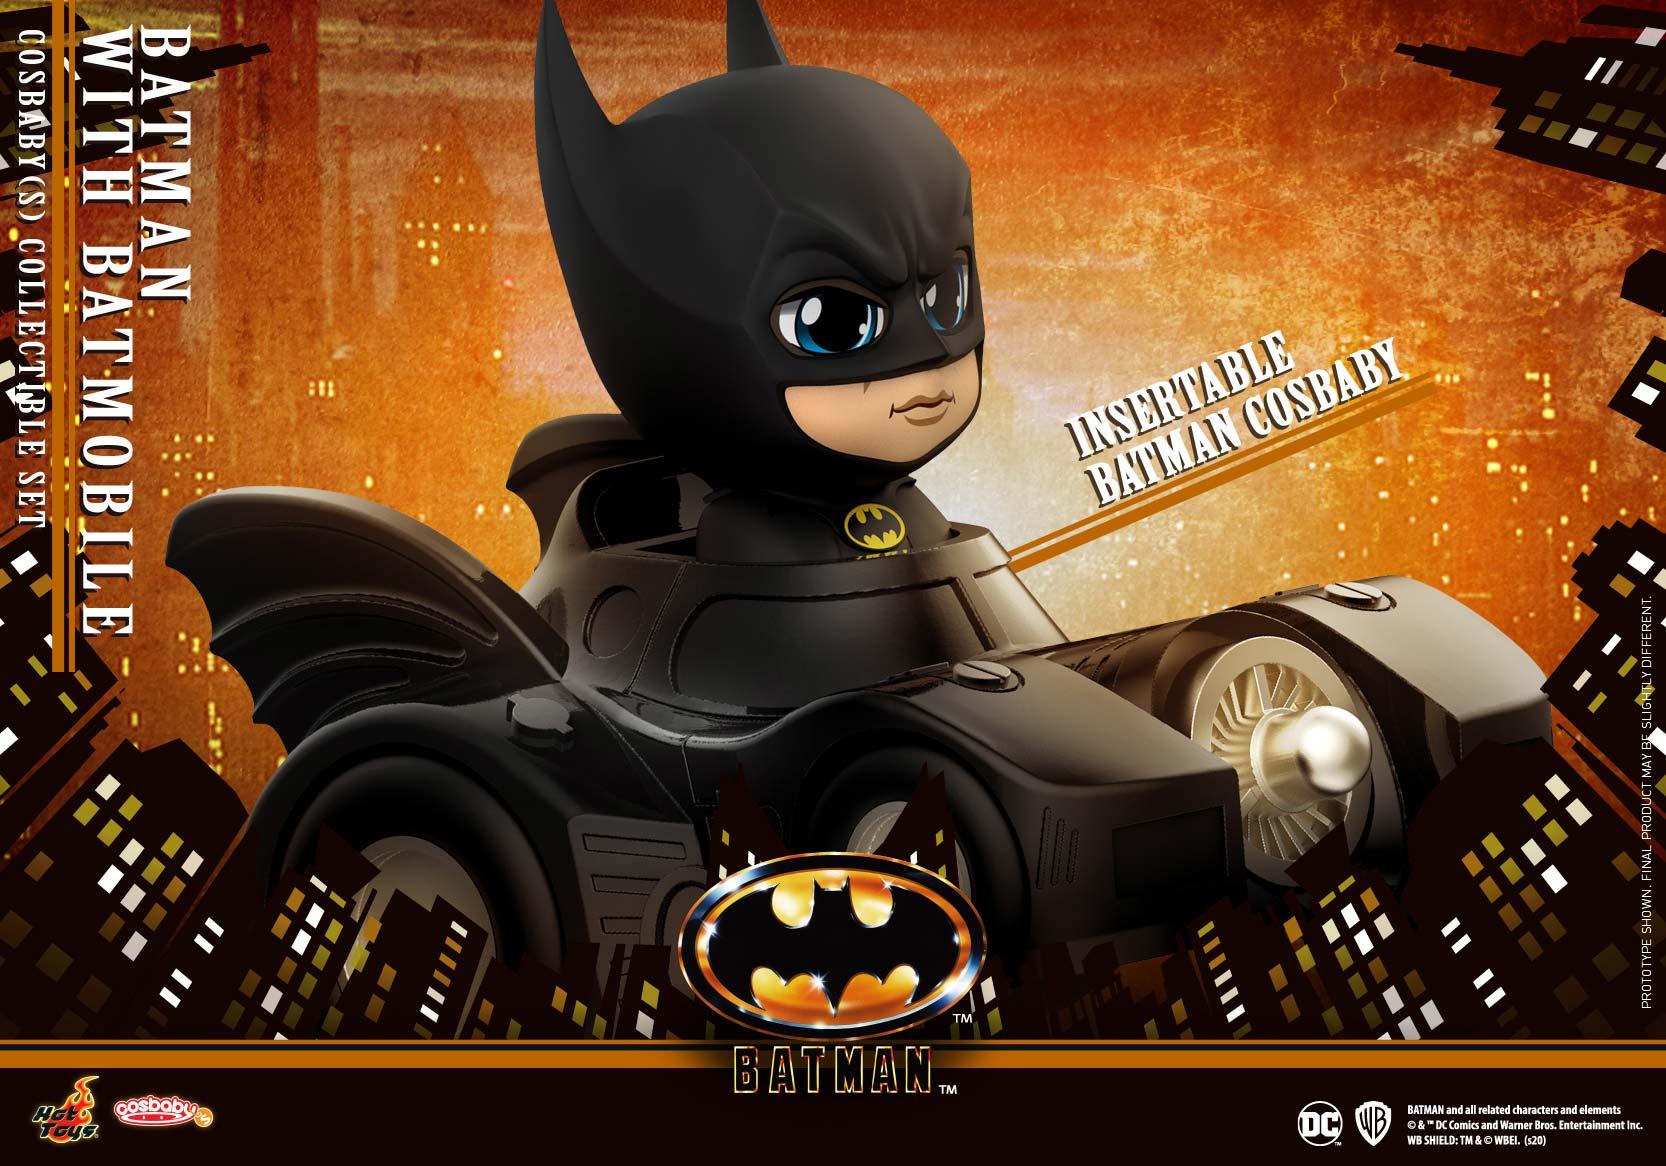 Batman-1989_COSB710_Batman-with-Batmobie_H02